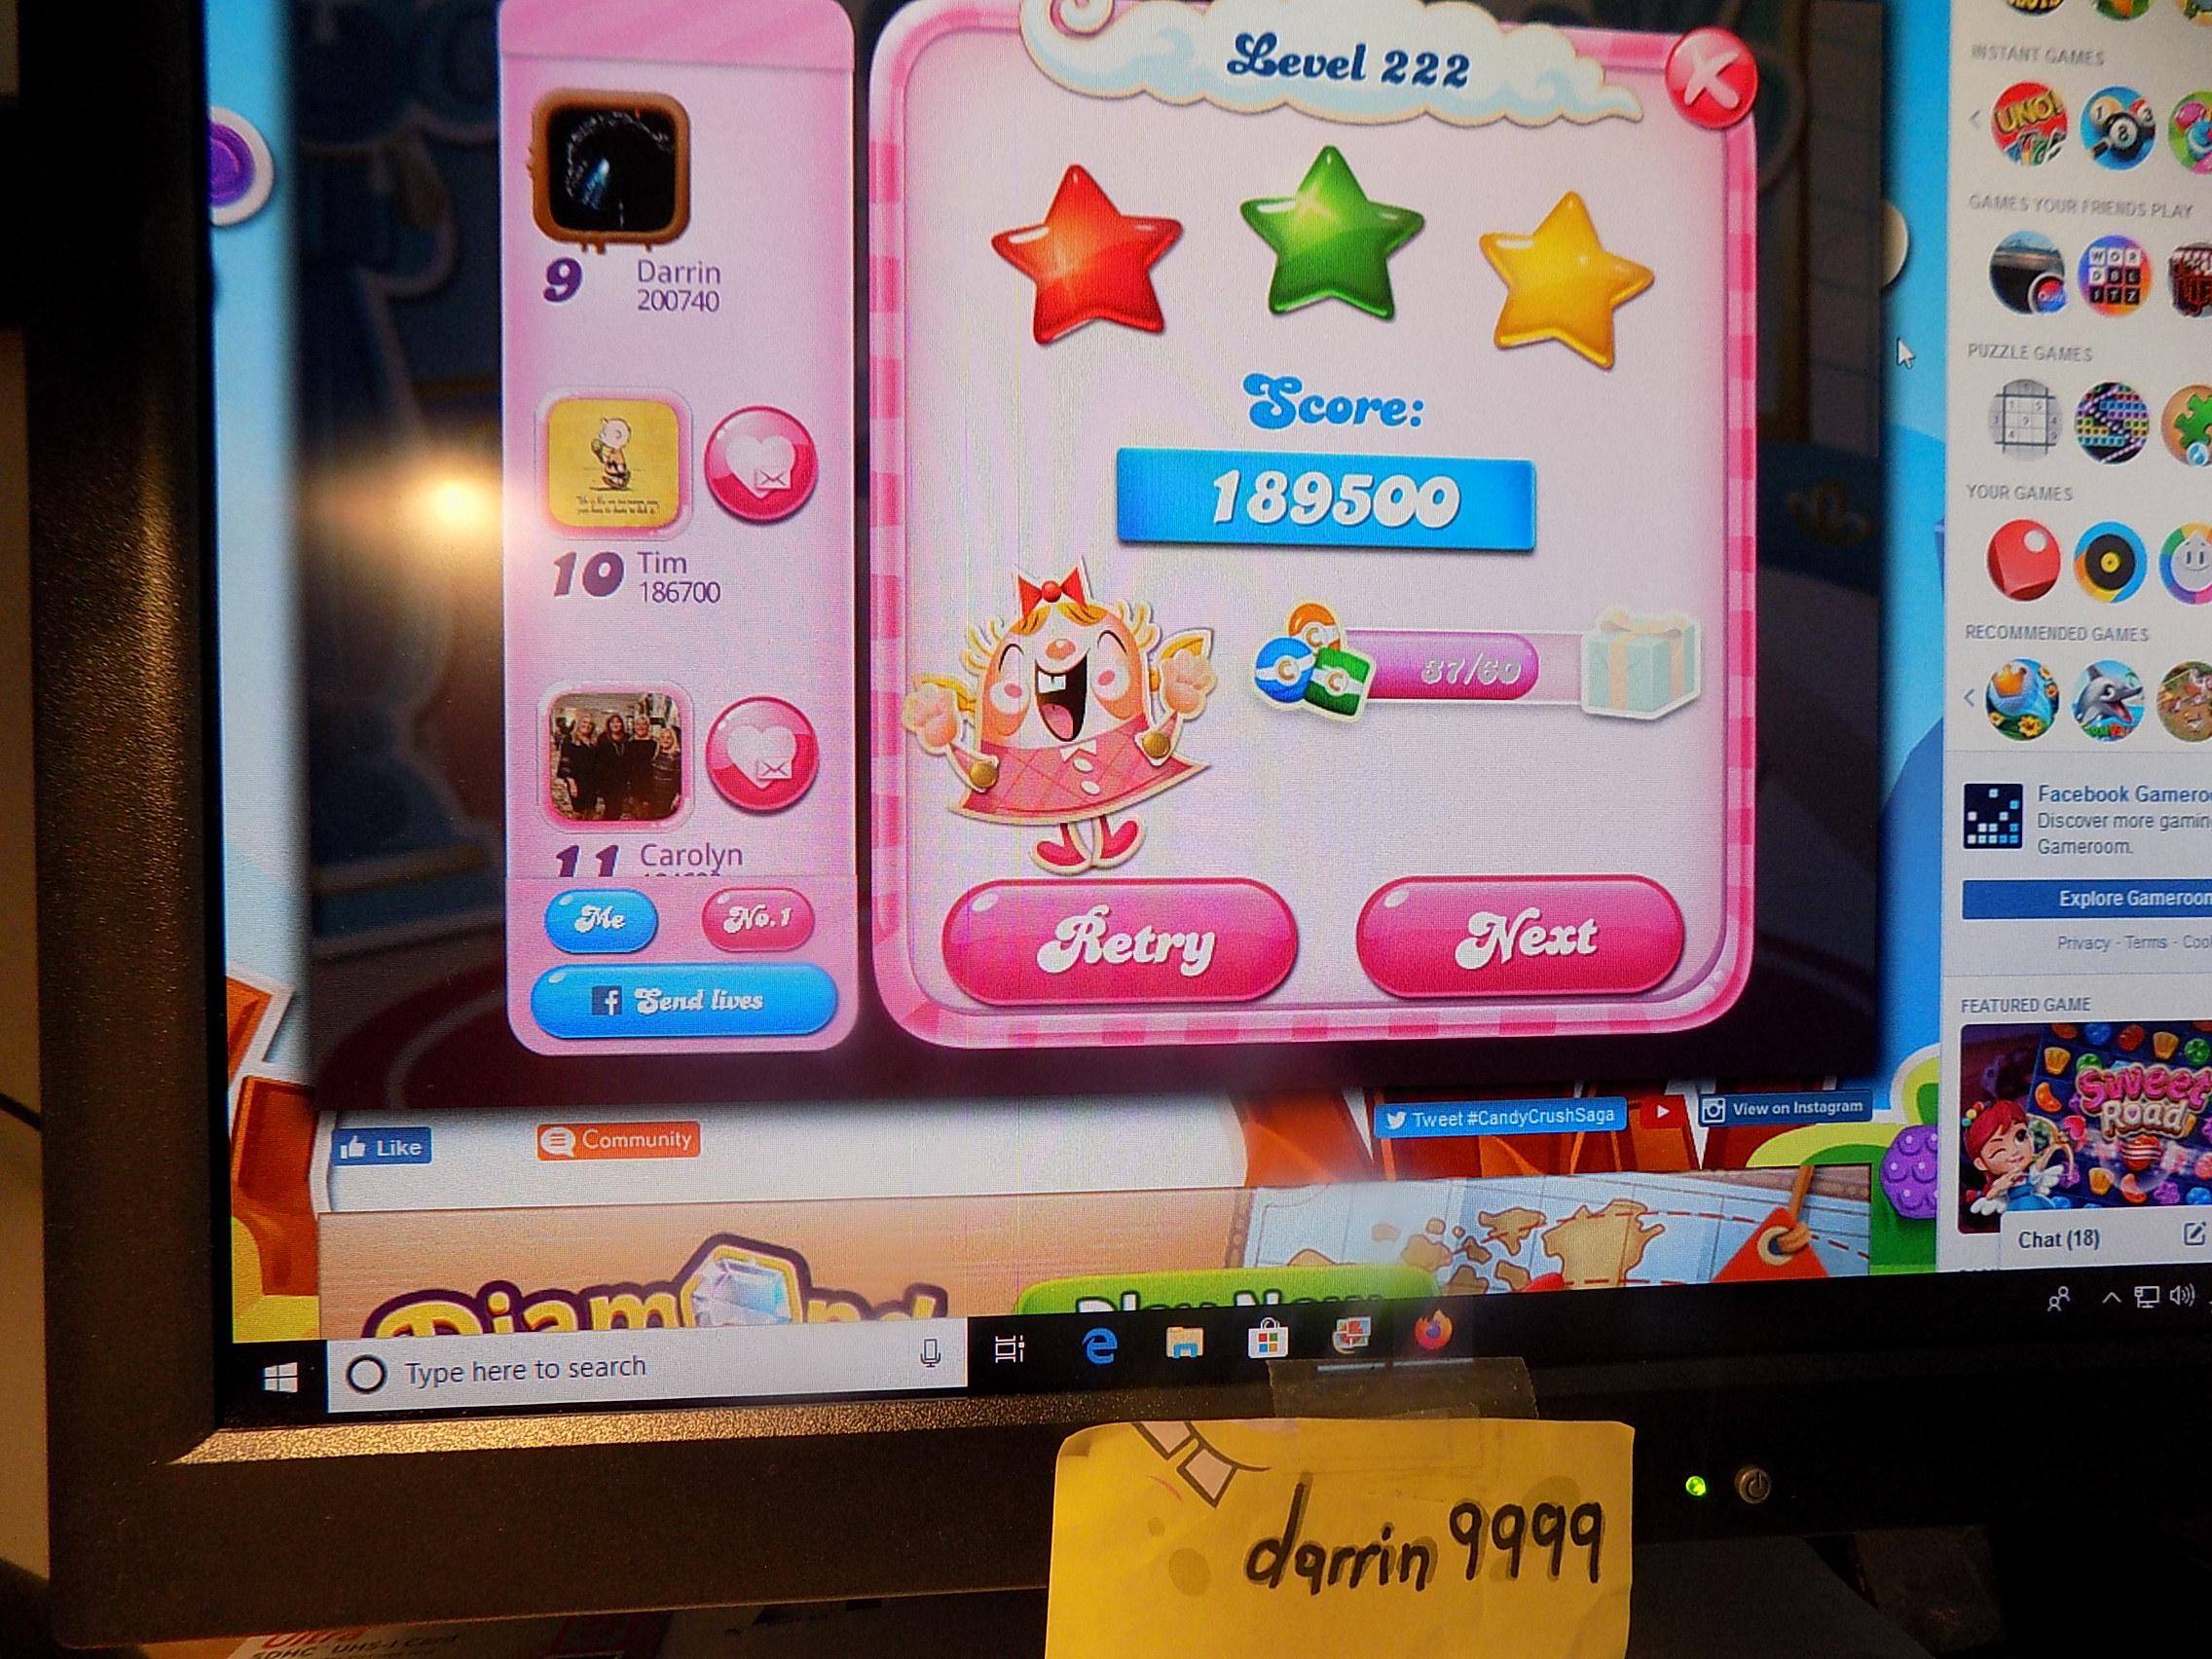 darrin9999: Candy Crush Saga: Level 222 (Web) 189,500 points on 2019-11-18 06:52:00